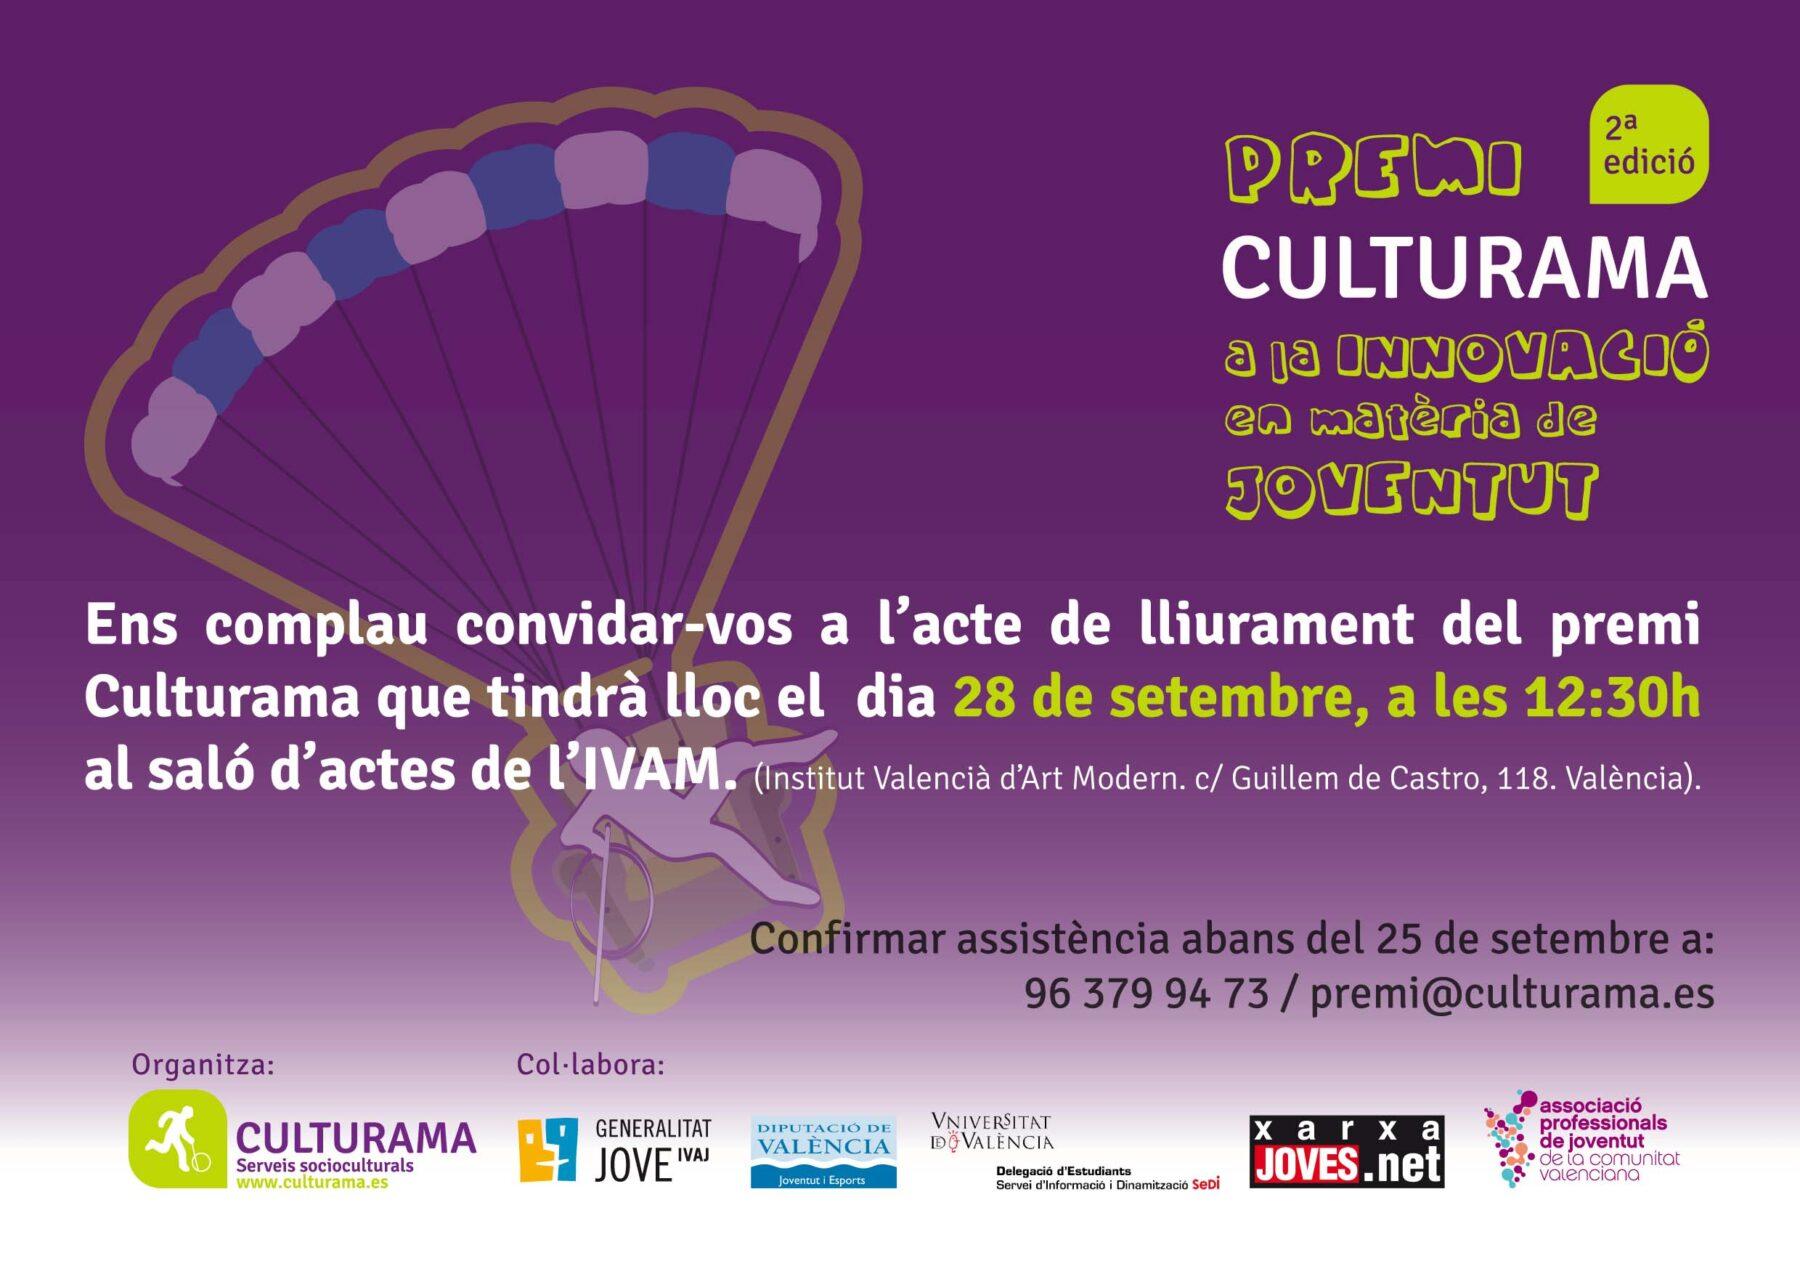 Premi Culturama 2012